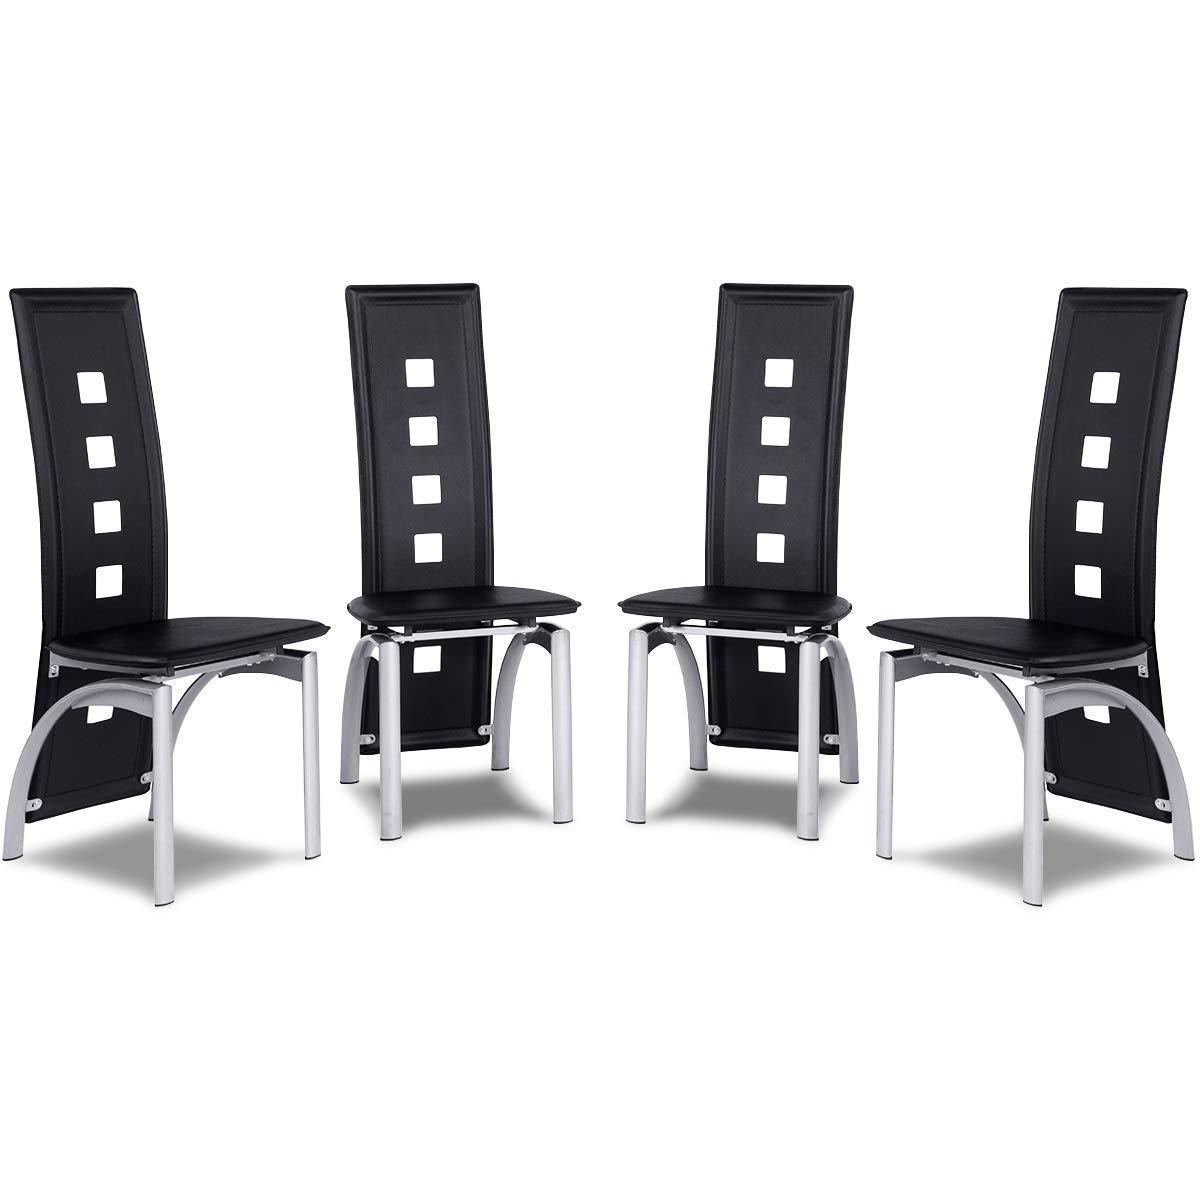 Costway Set di 4 sedie da pranzo con schienale Sedia in PVC e metallo per cucina 45x54x106cm Nero